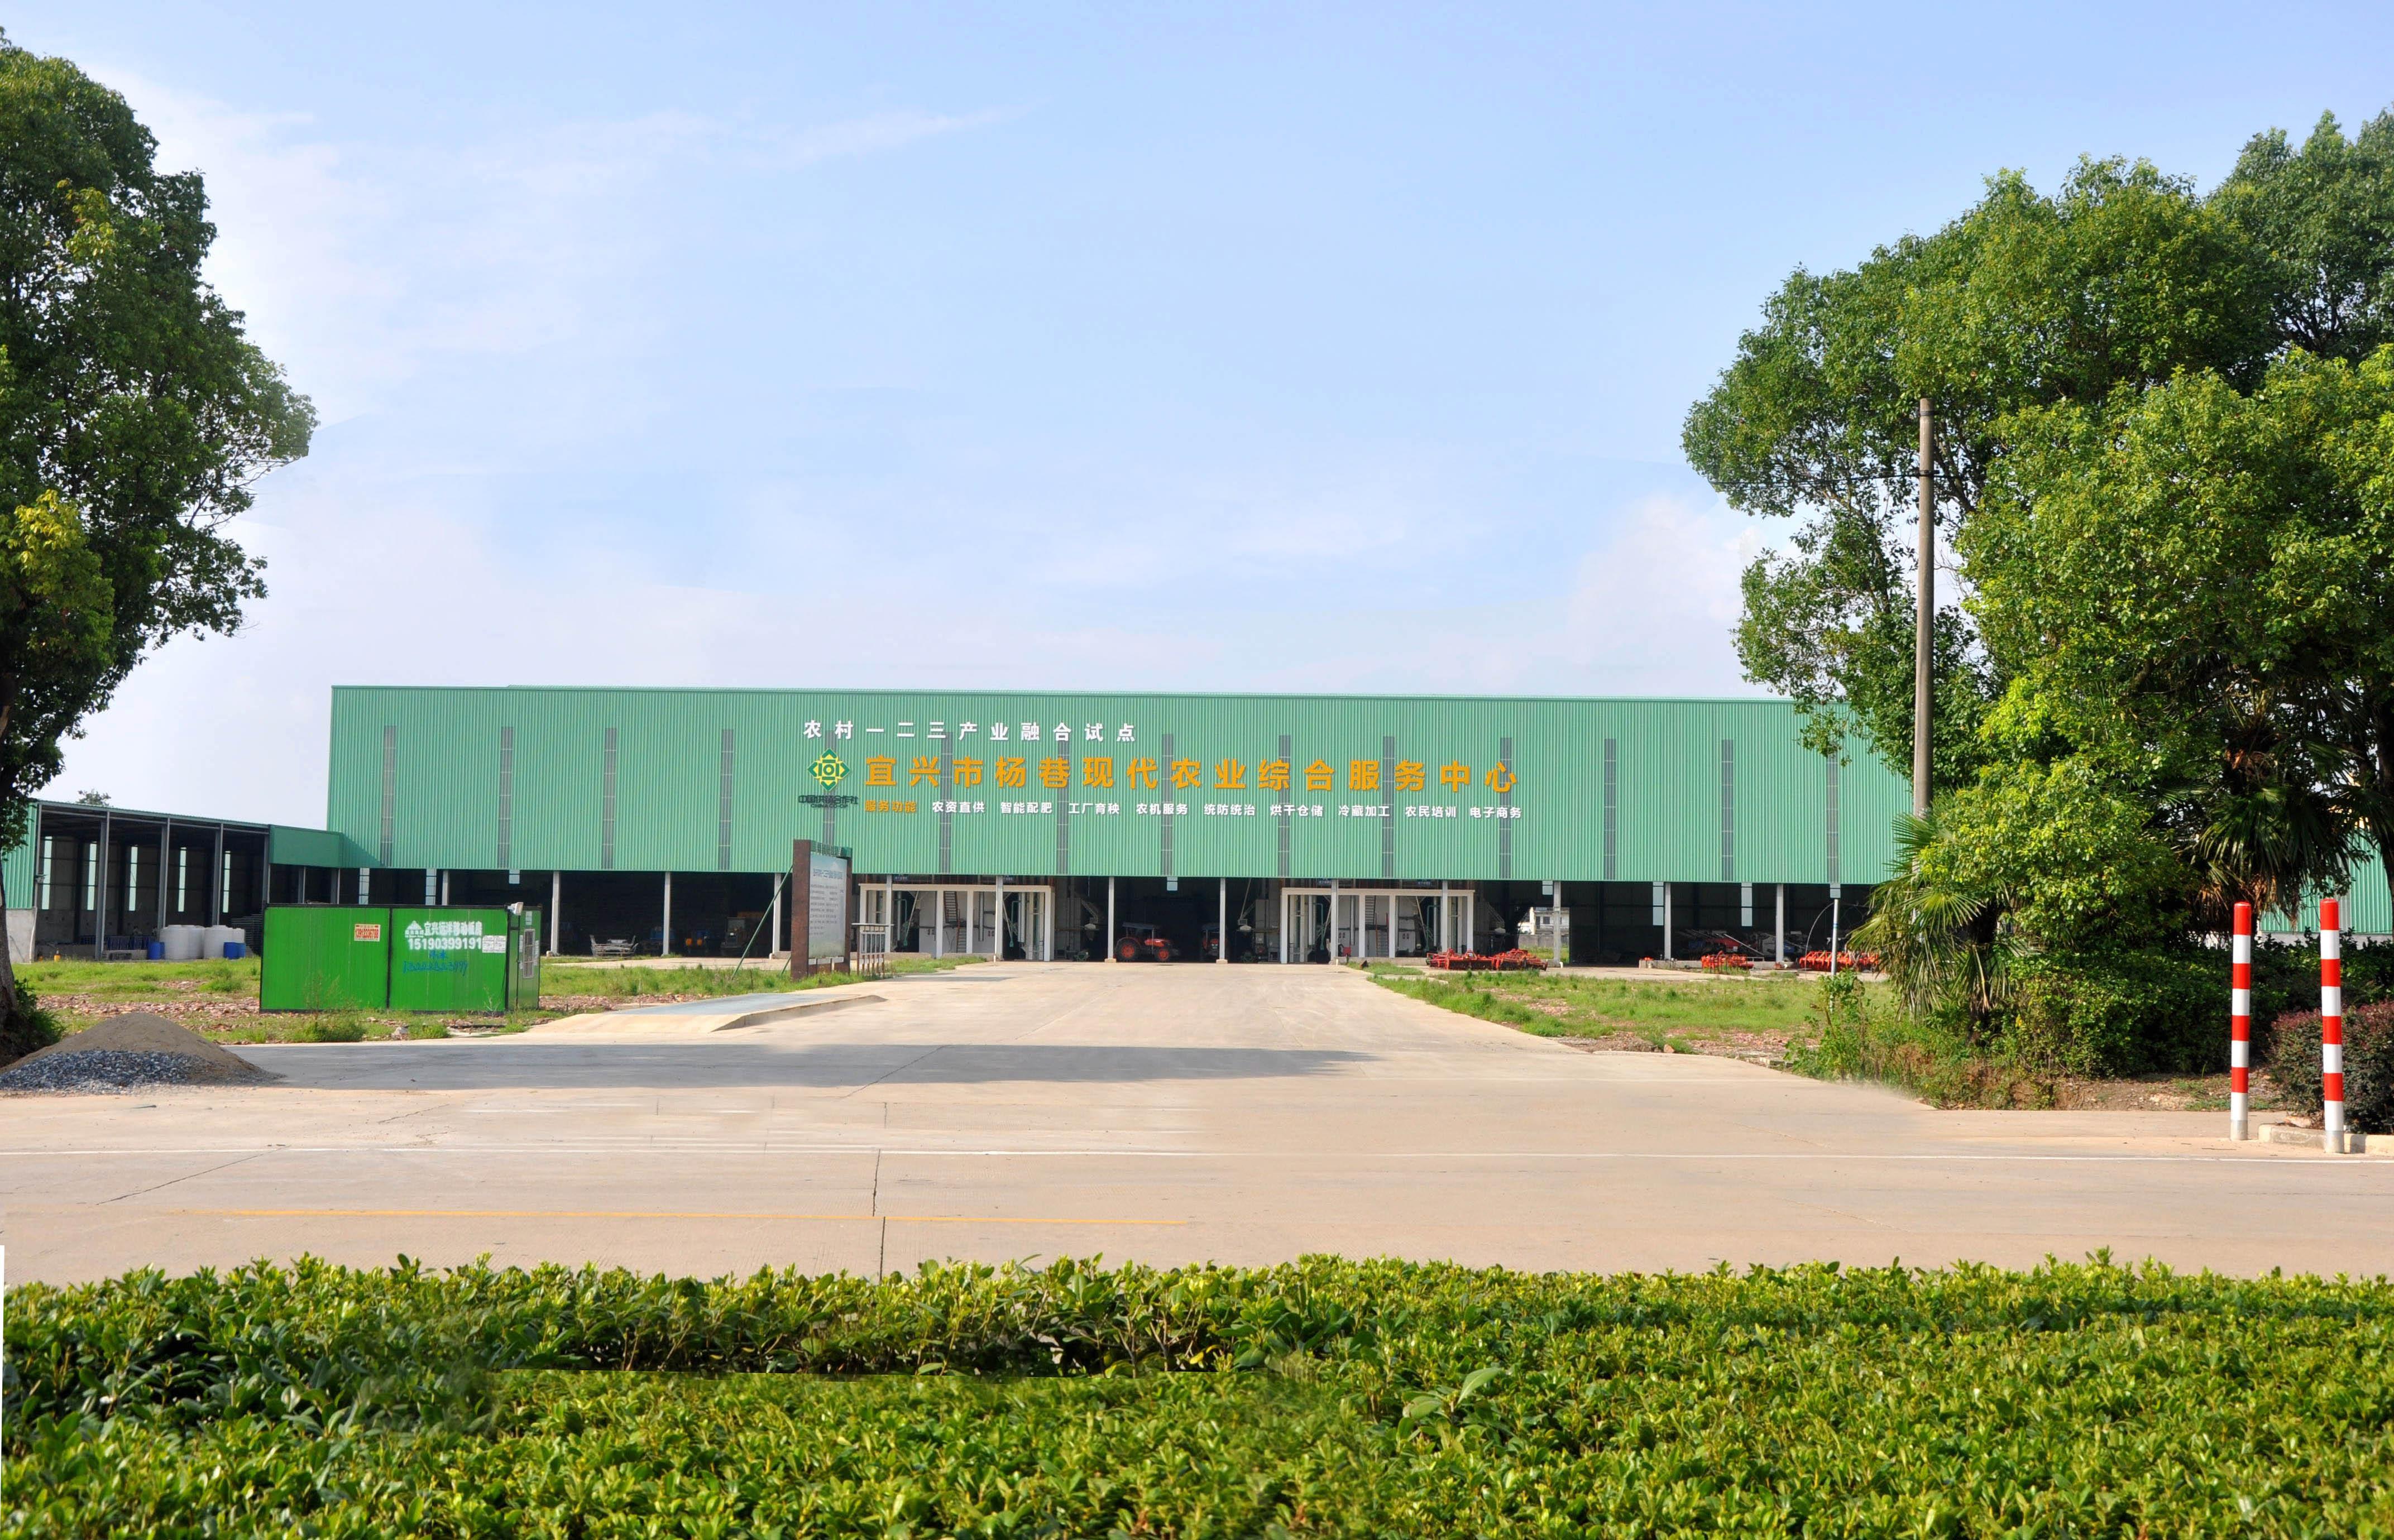 宜兴市现代农业(蔬菜)产业园合作签约